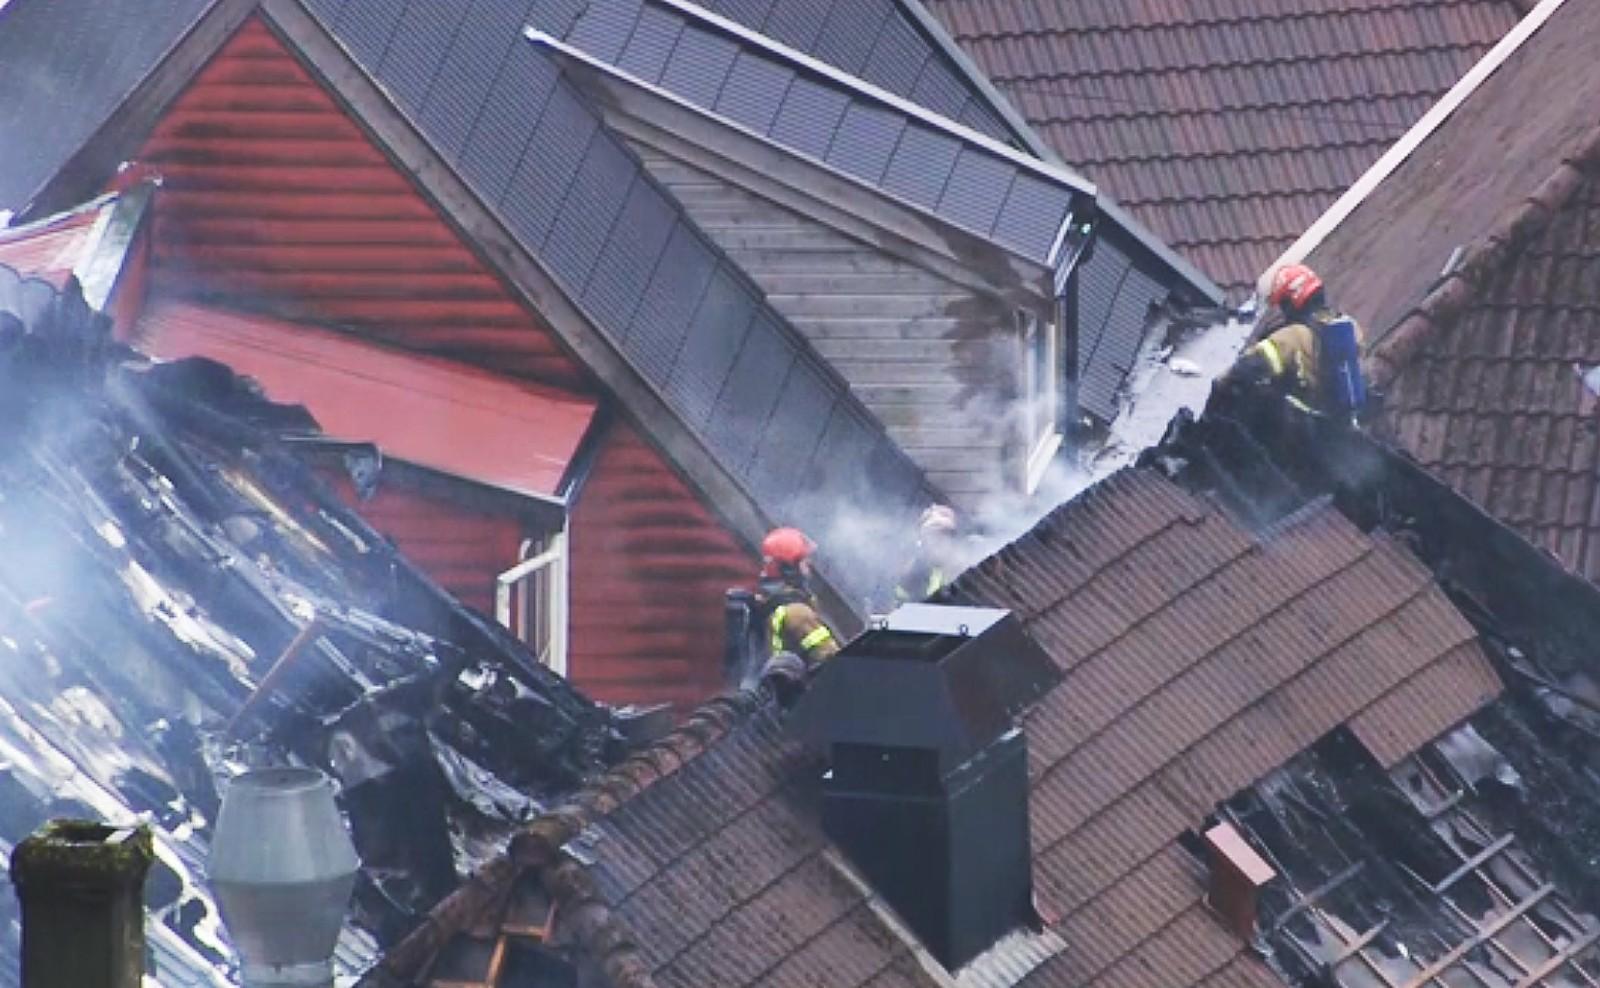 Brannvesenet har jobbet iherdig på hustakene for å få kontroll på brannen. De har fjernet takstein og gått gjennom takene for å komme til flammene.